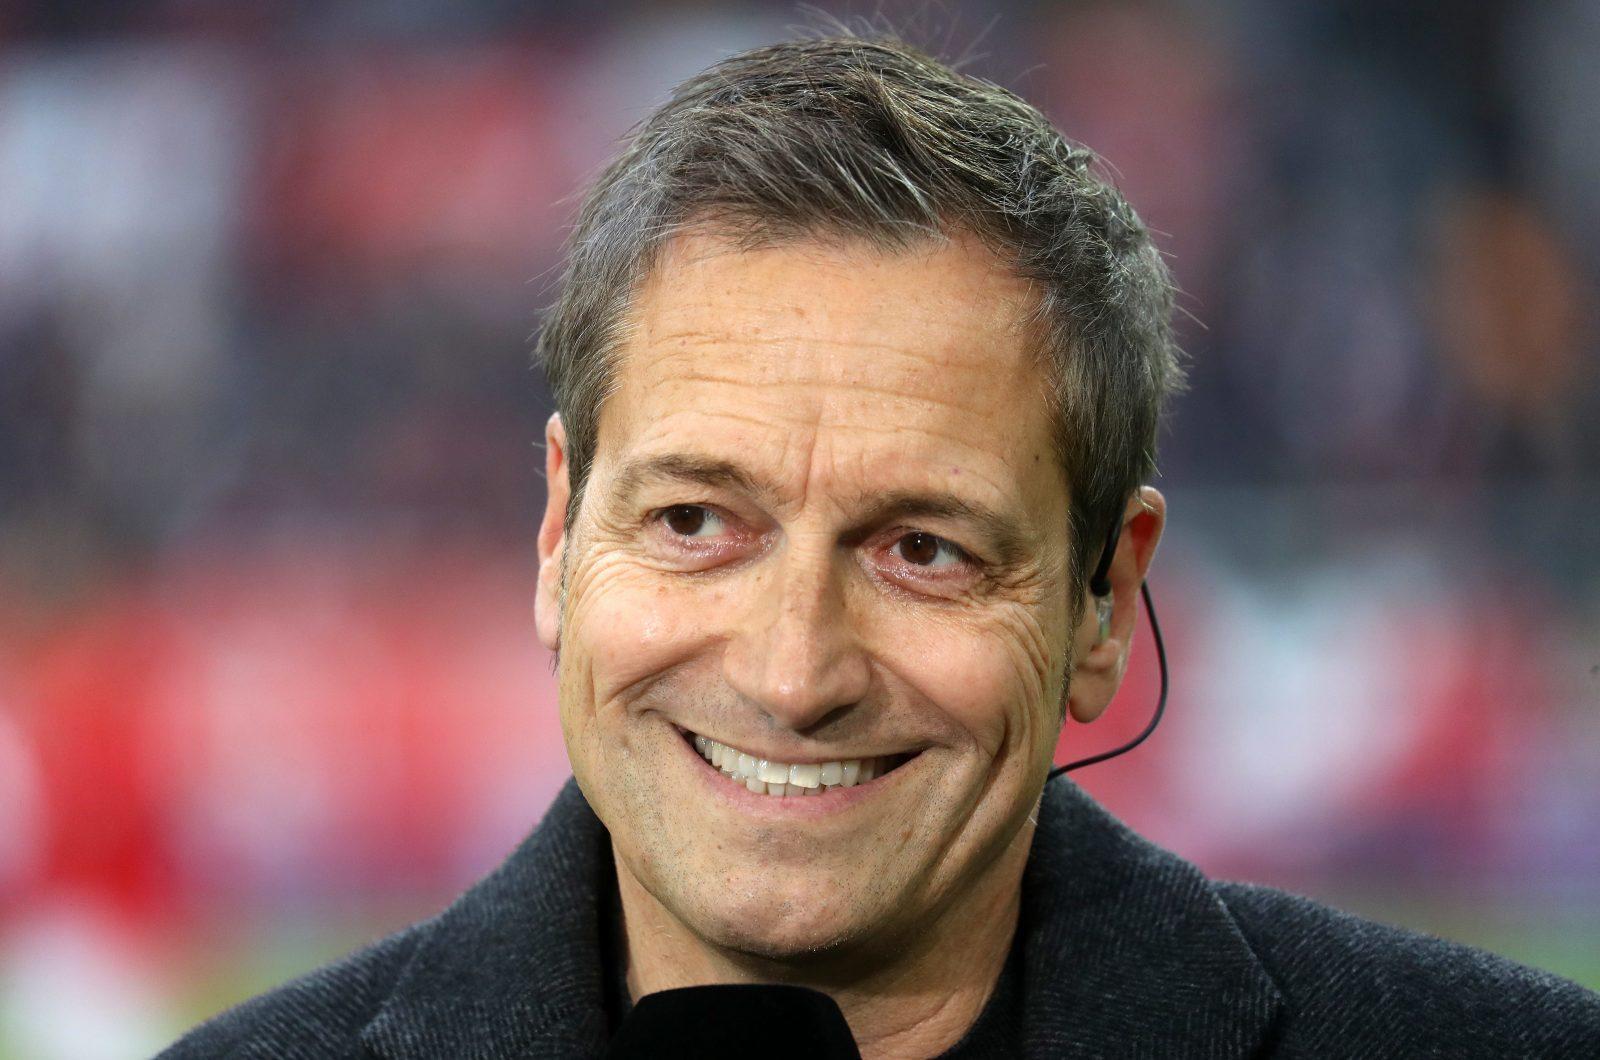 Der Streit um den Beitrag des Kabarettisten Dieter Nuhr für die Deutsche Forschungsgemeinschaft geht weiter Foto: picture alliance/augenklick